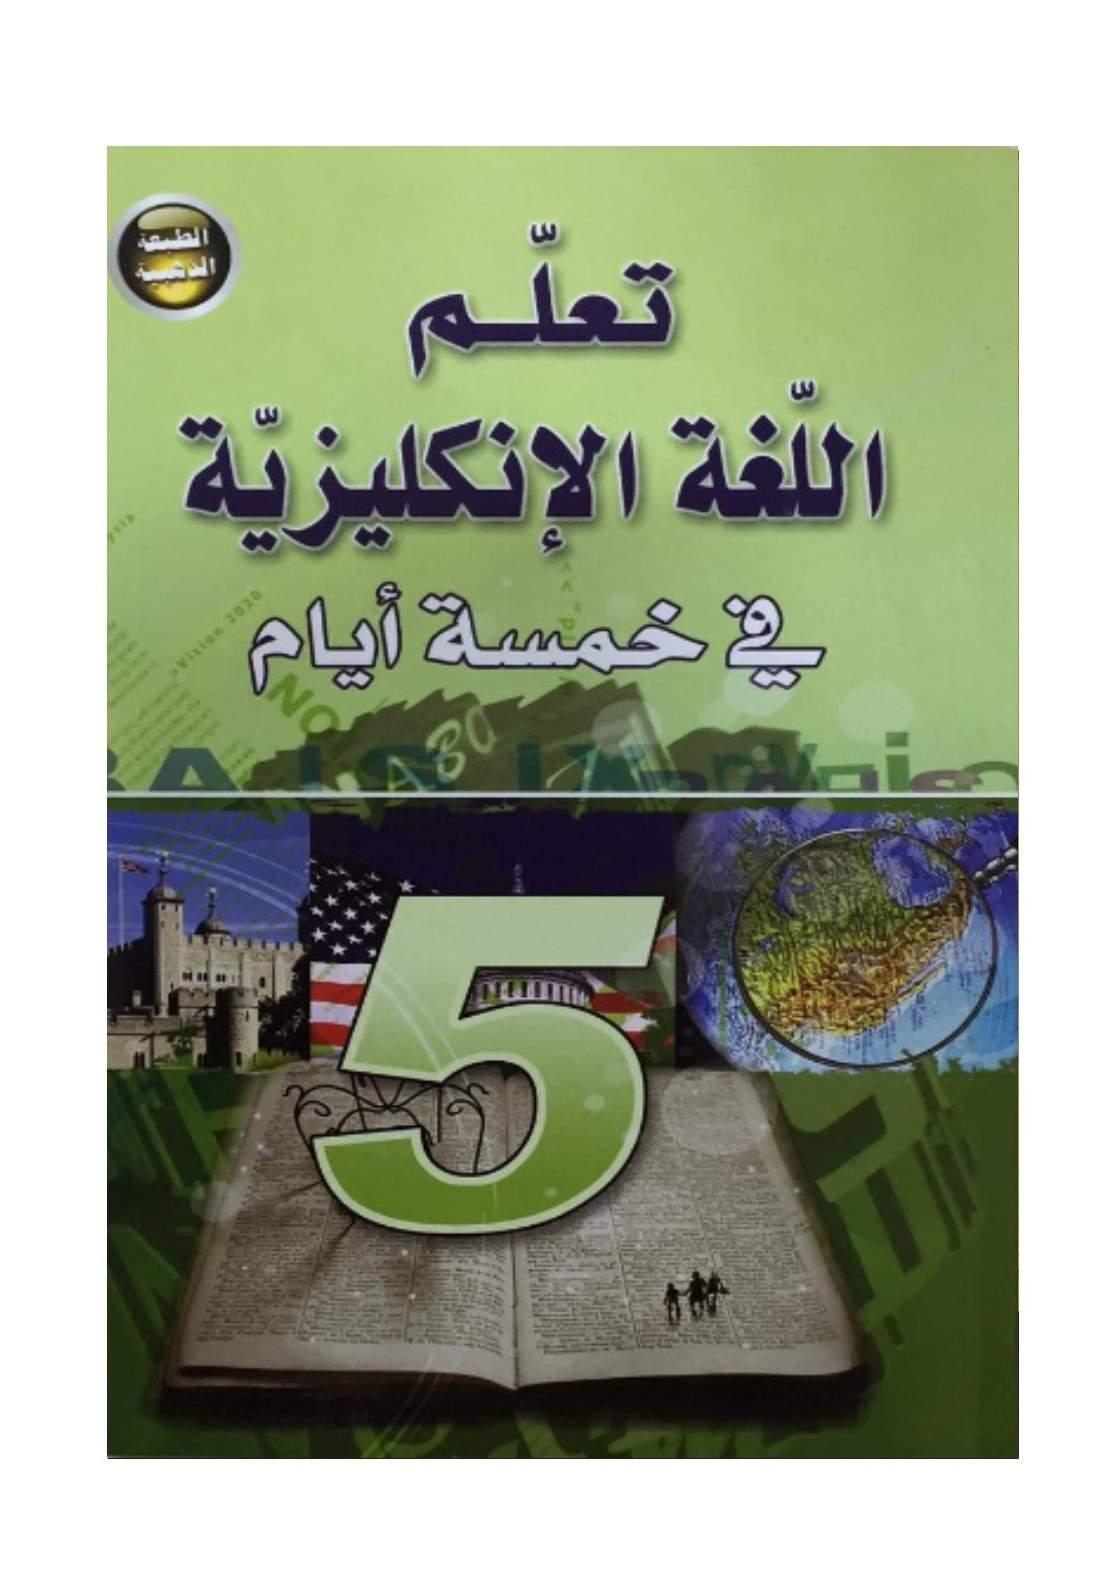 تعلم اللغة الانكليزية في خمسة ايام